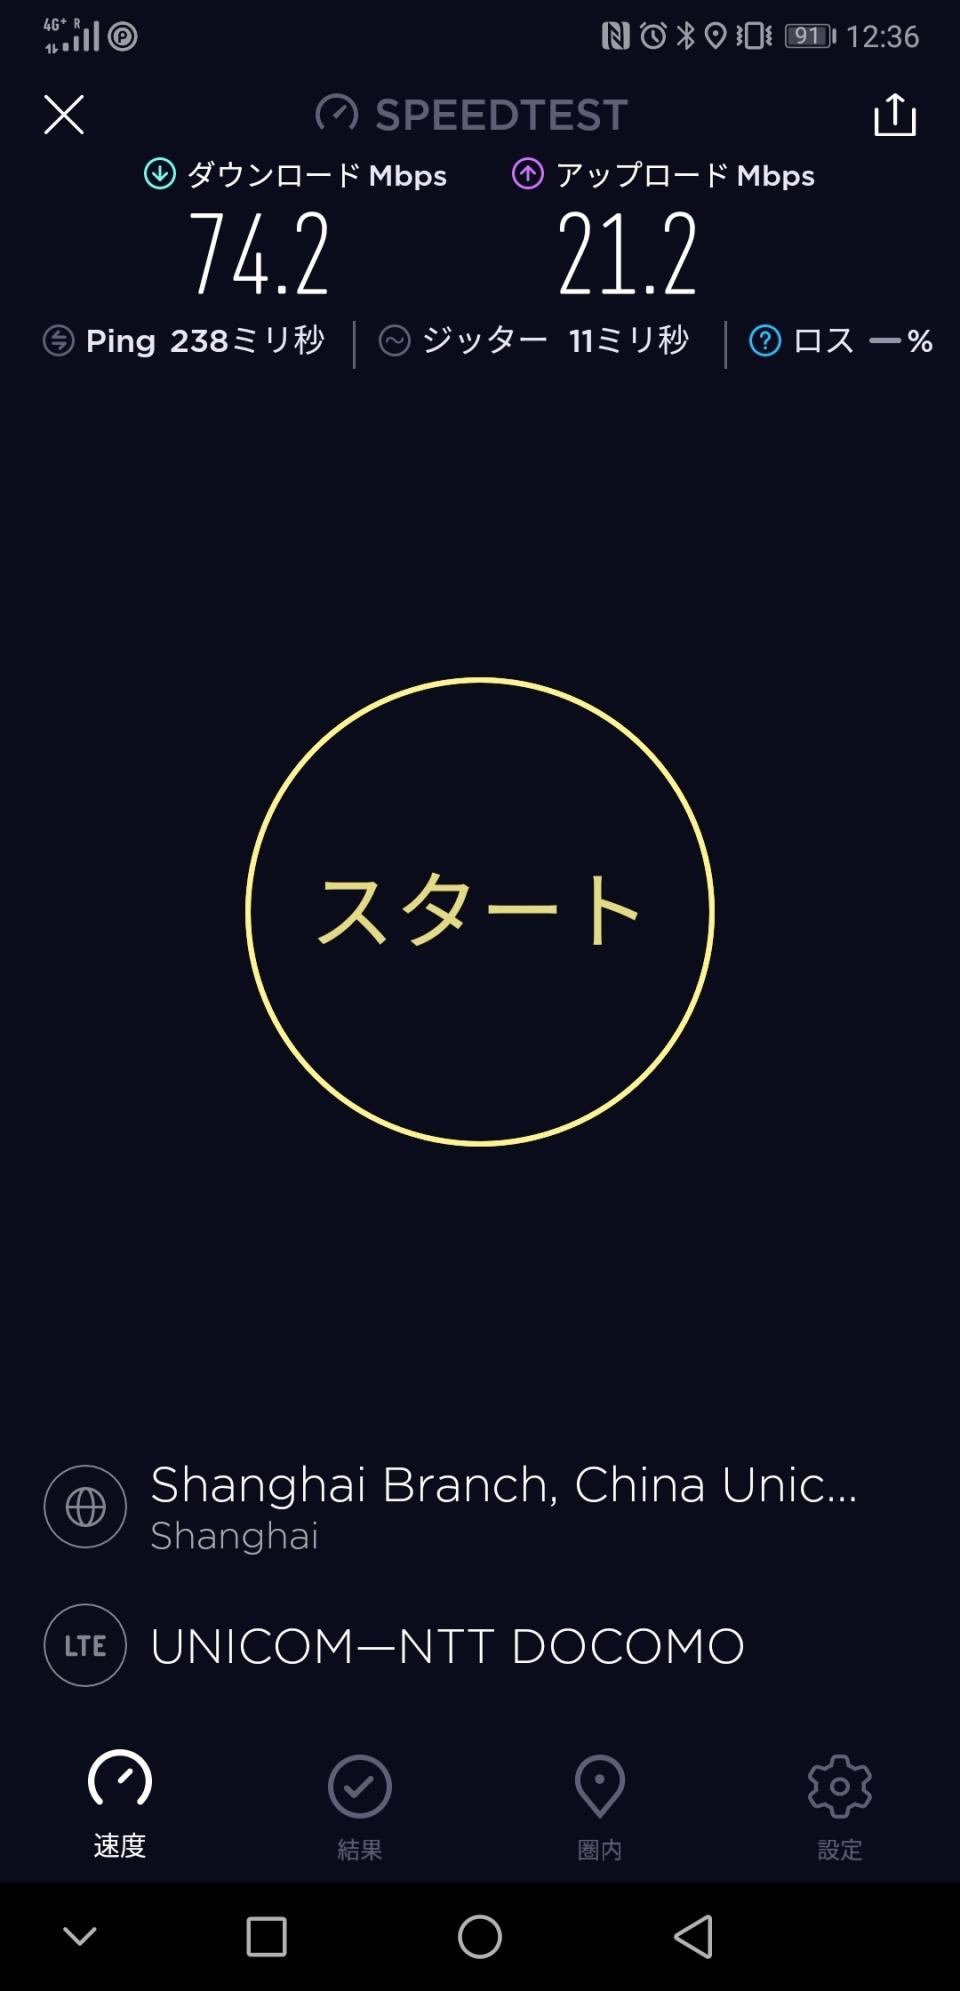 石野純也のモバイル活用術:中国で試した国際ローミングの新常識 5番目の画像